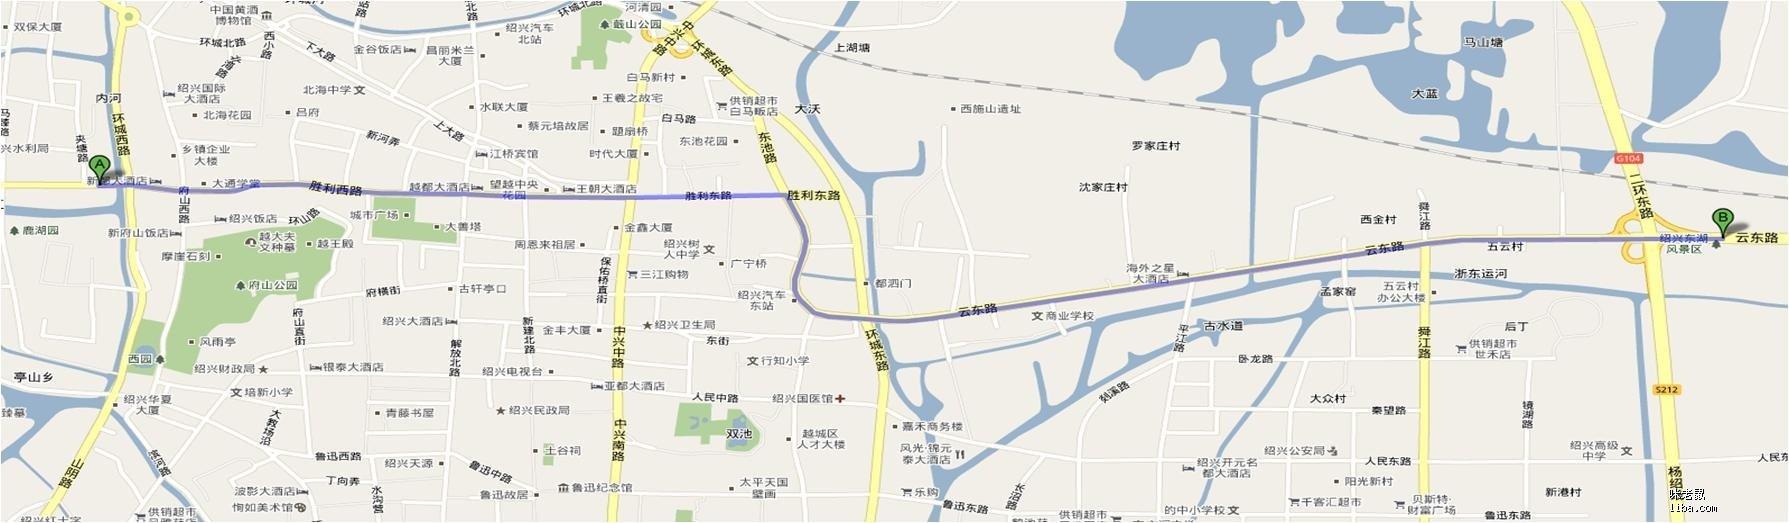 绍兴东湖风景区地图